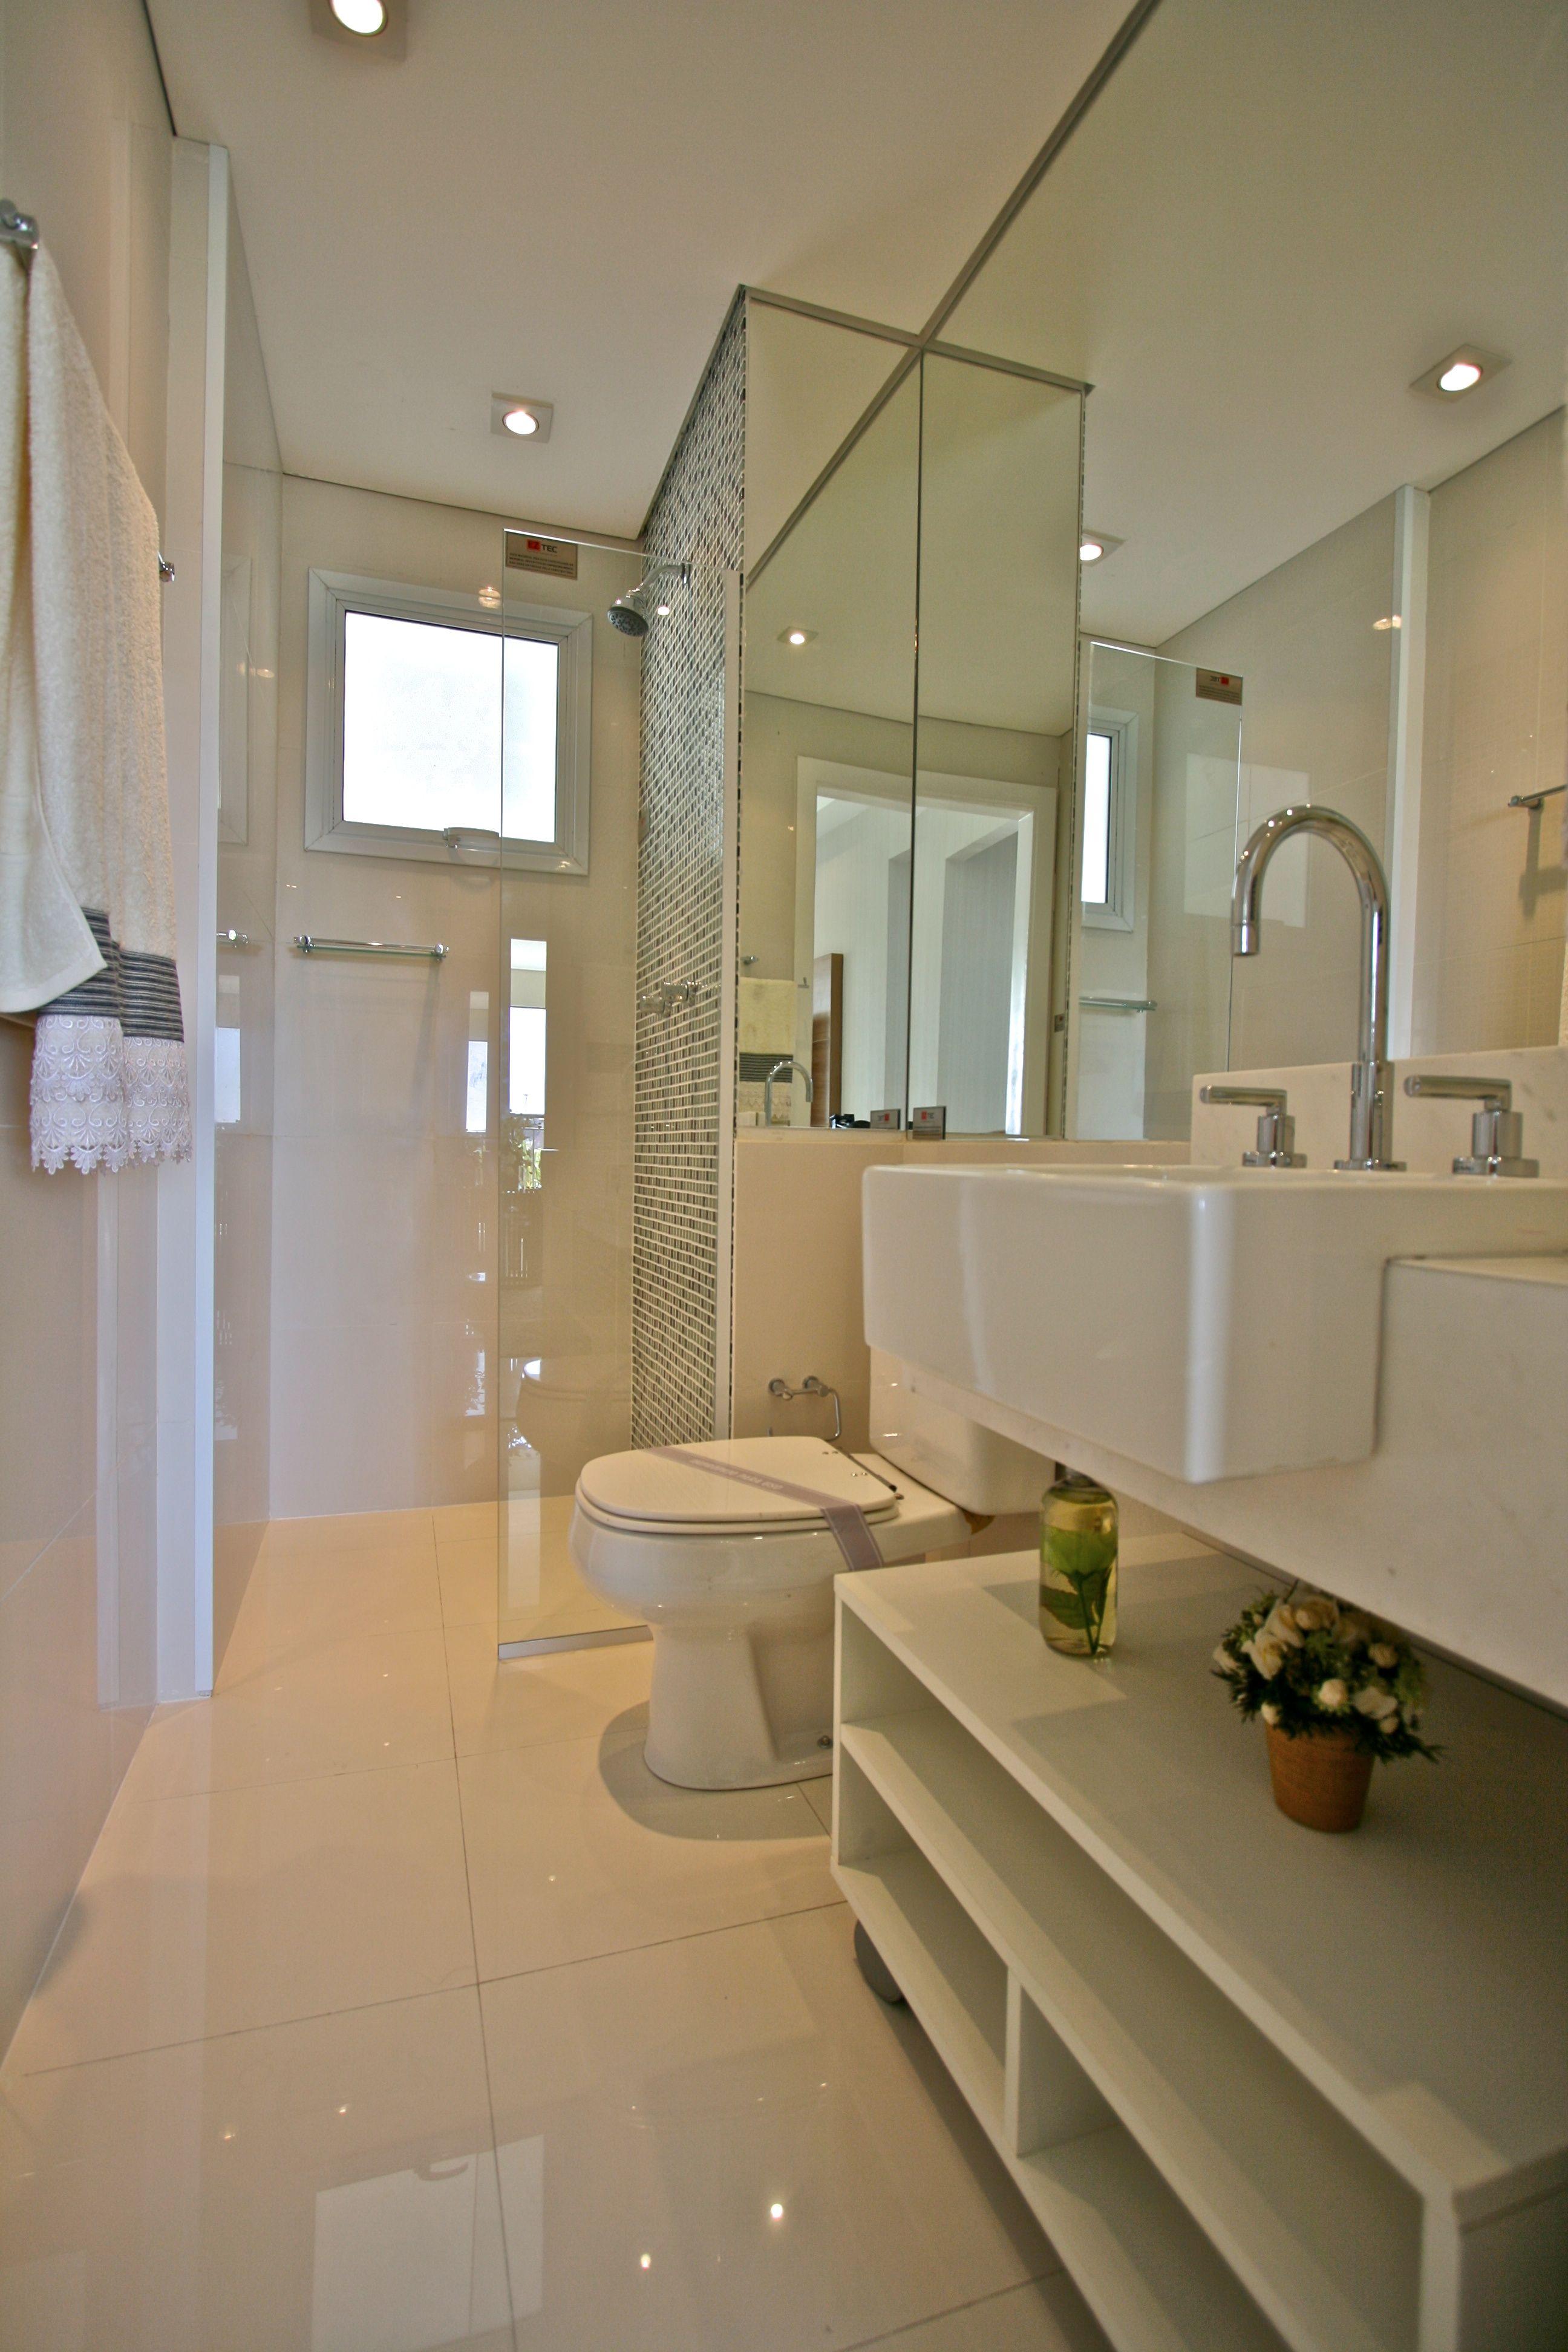 Banheiro  Projeto Marcia Brunello Produto Cerâmica Portinari #ceramicaport -> Banheiros Decorados Ceramica Portinari